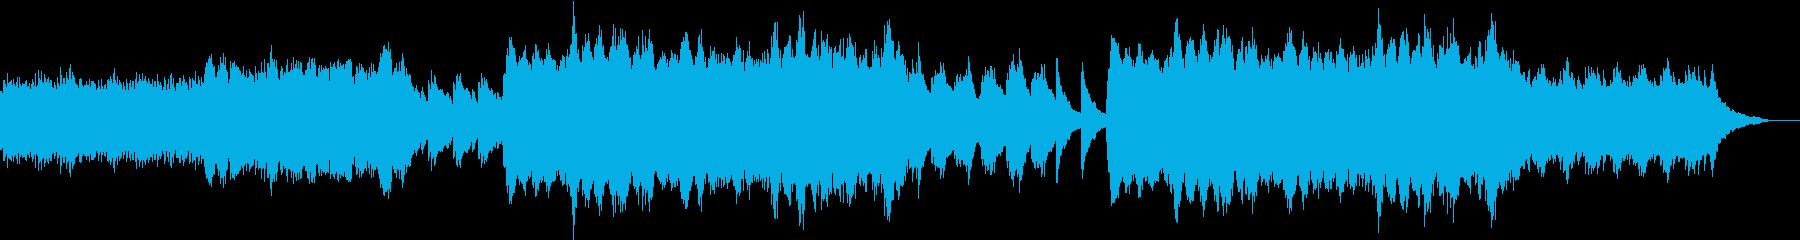 ピアノ+バイオリン ノスタルジックの再生済みの波形